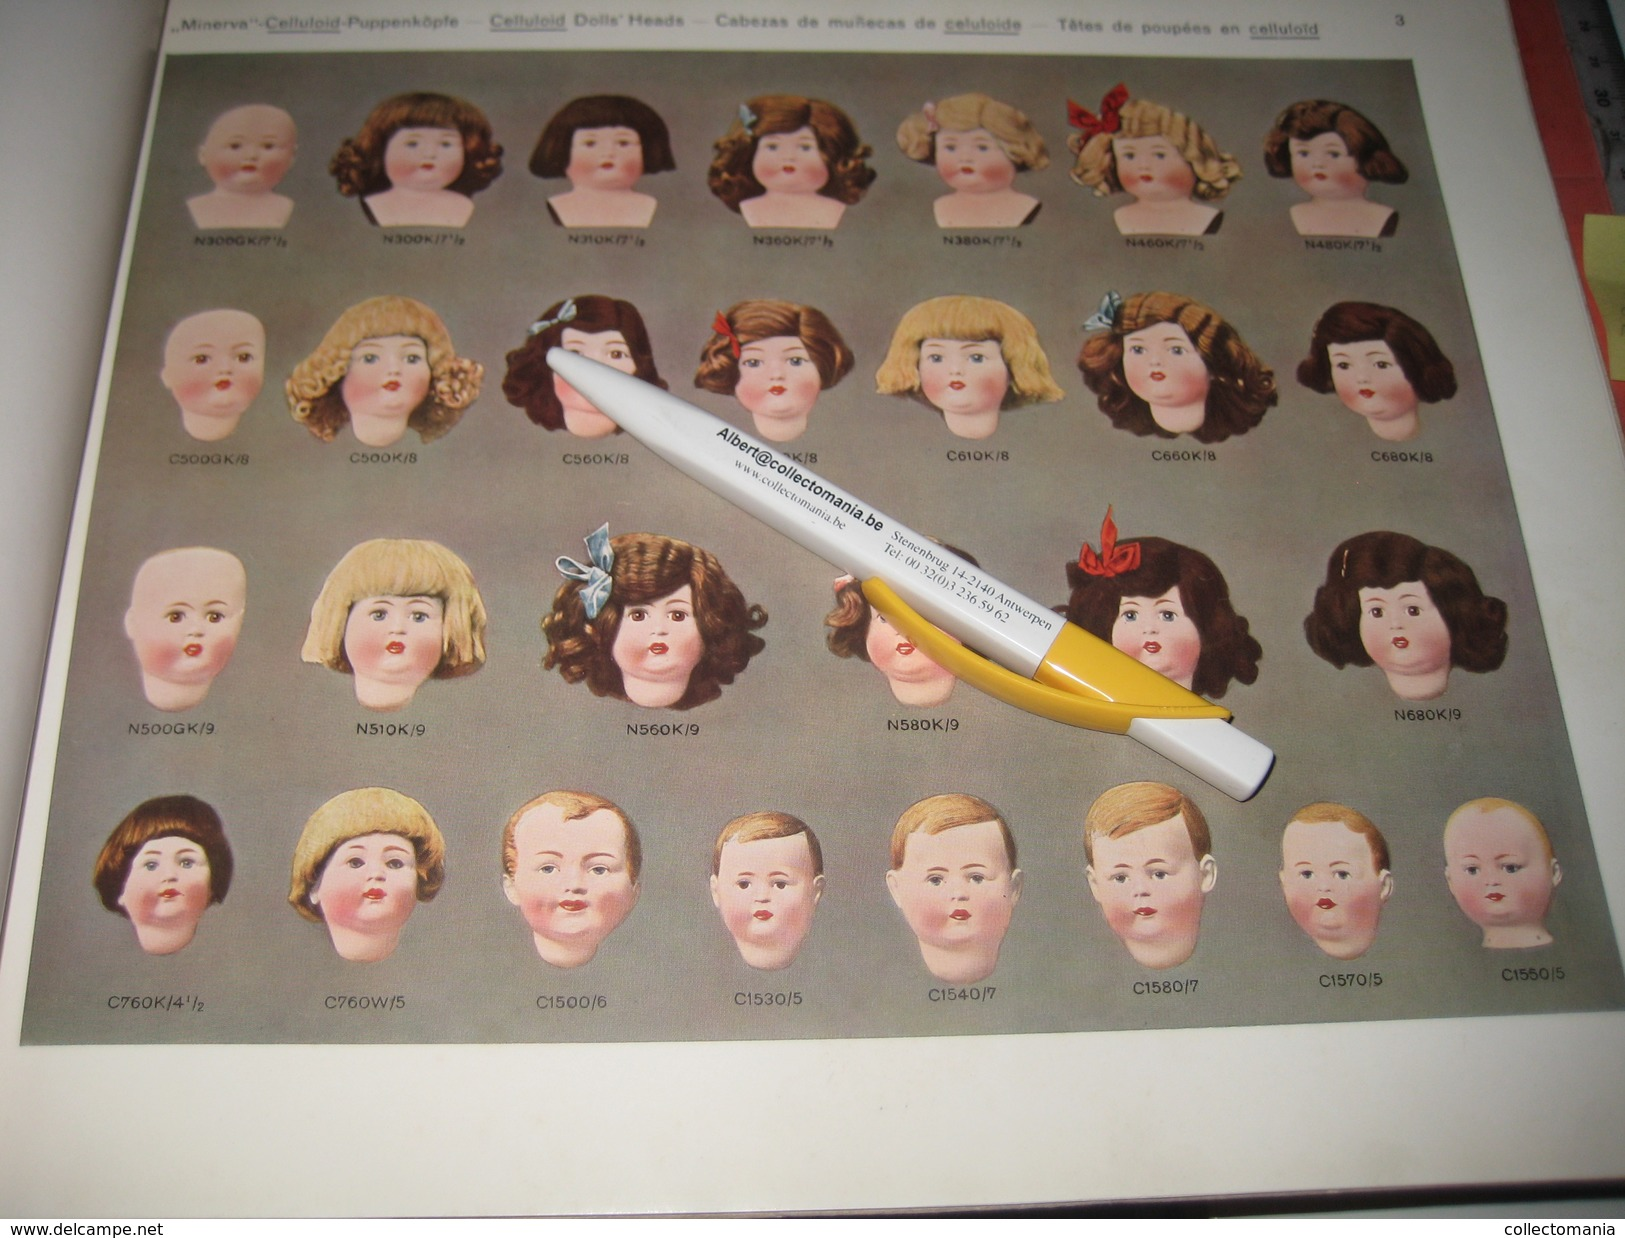 MINERVA 1930 Catalogue  Puppen Und Spielwaren NOSSEN,- BUSCHOW & BECK Metal Doll Heads, & Celluloide Poupées, Nossi Exc - Reklame